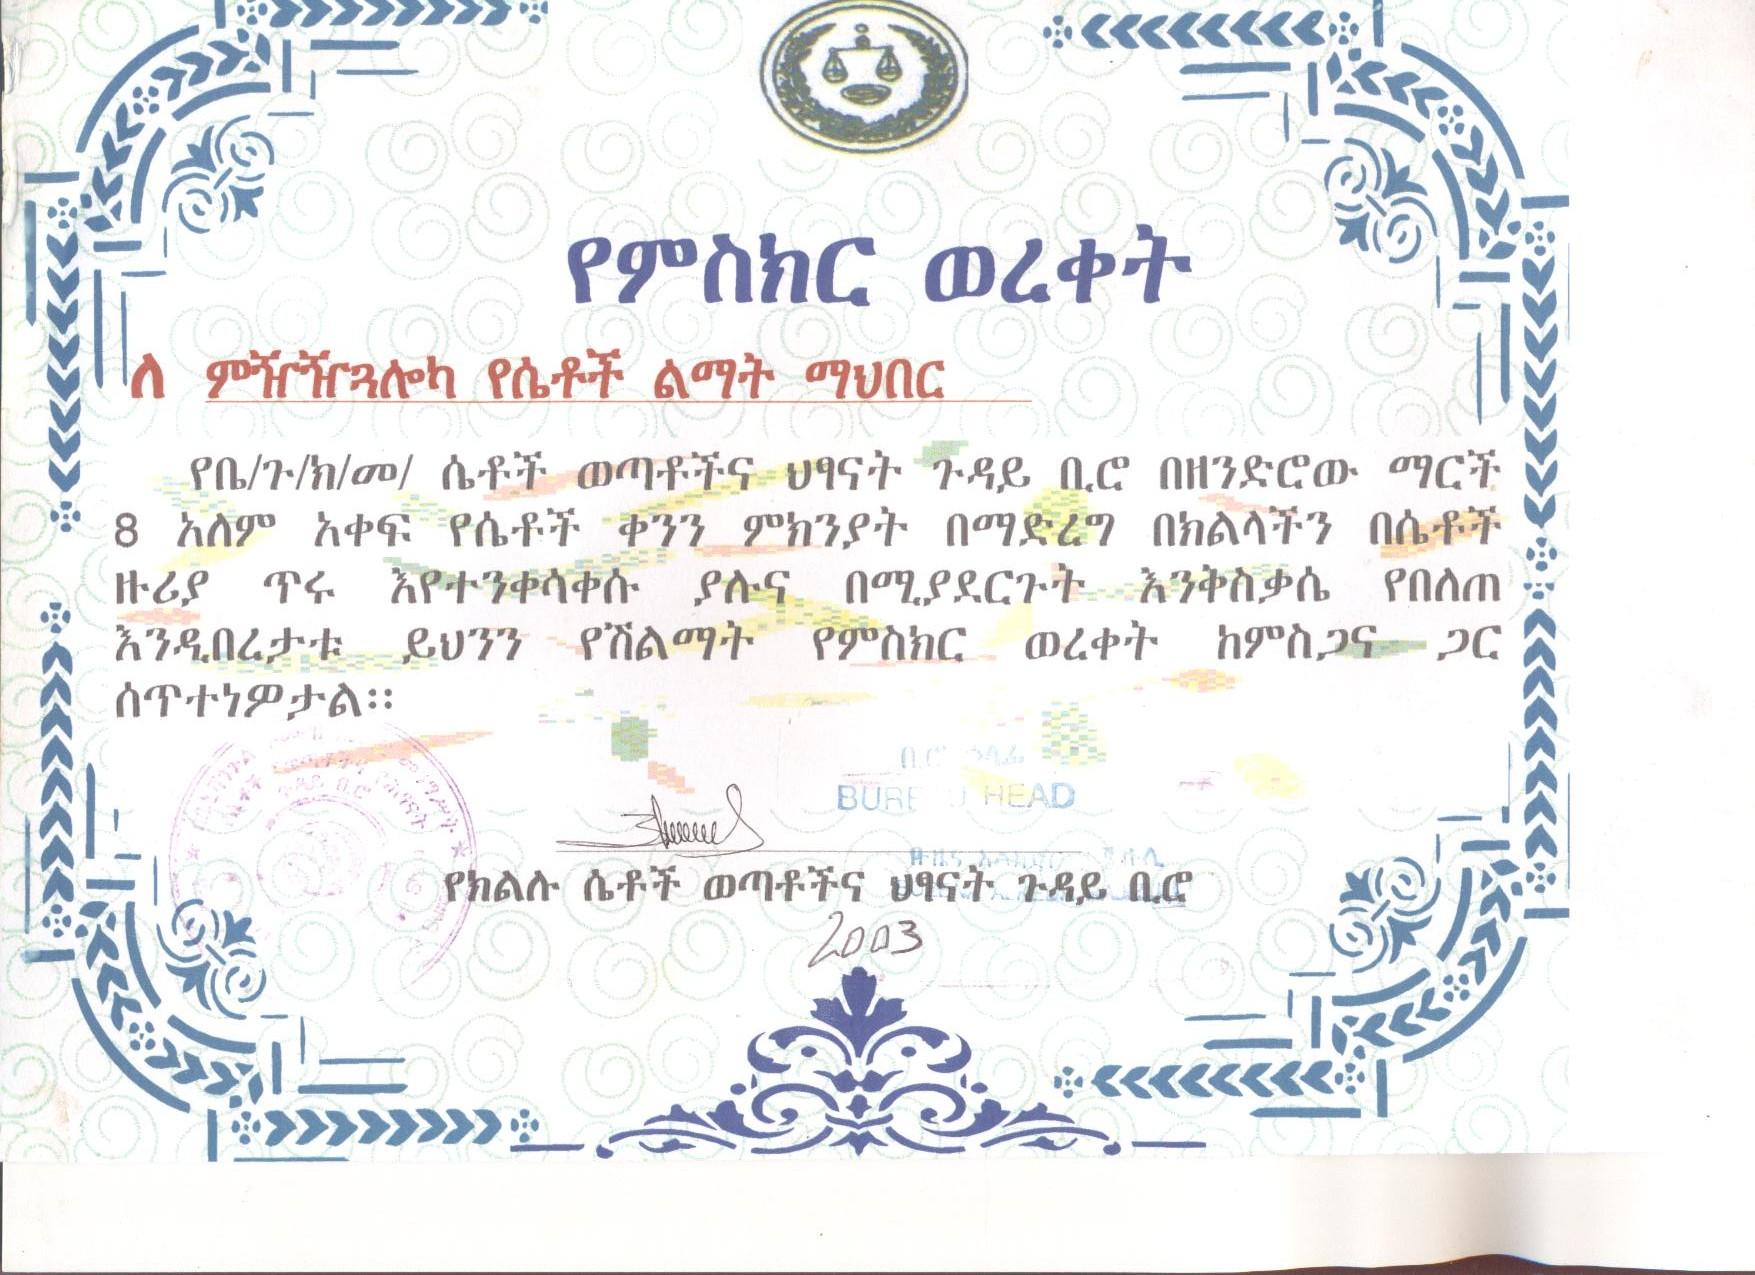 Certificate of Encouragement